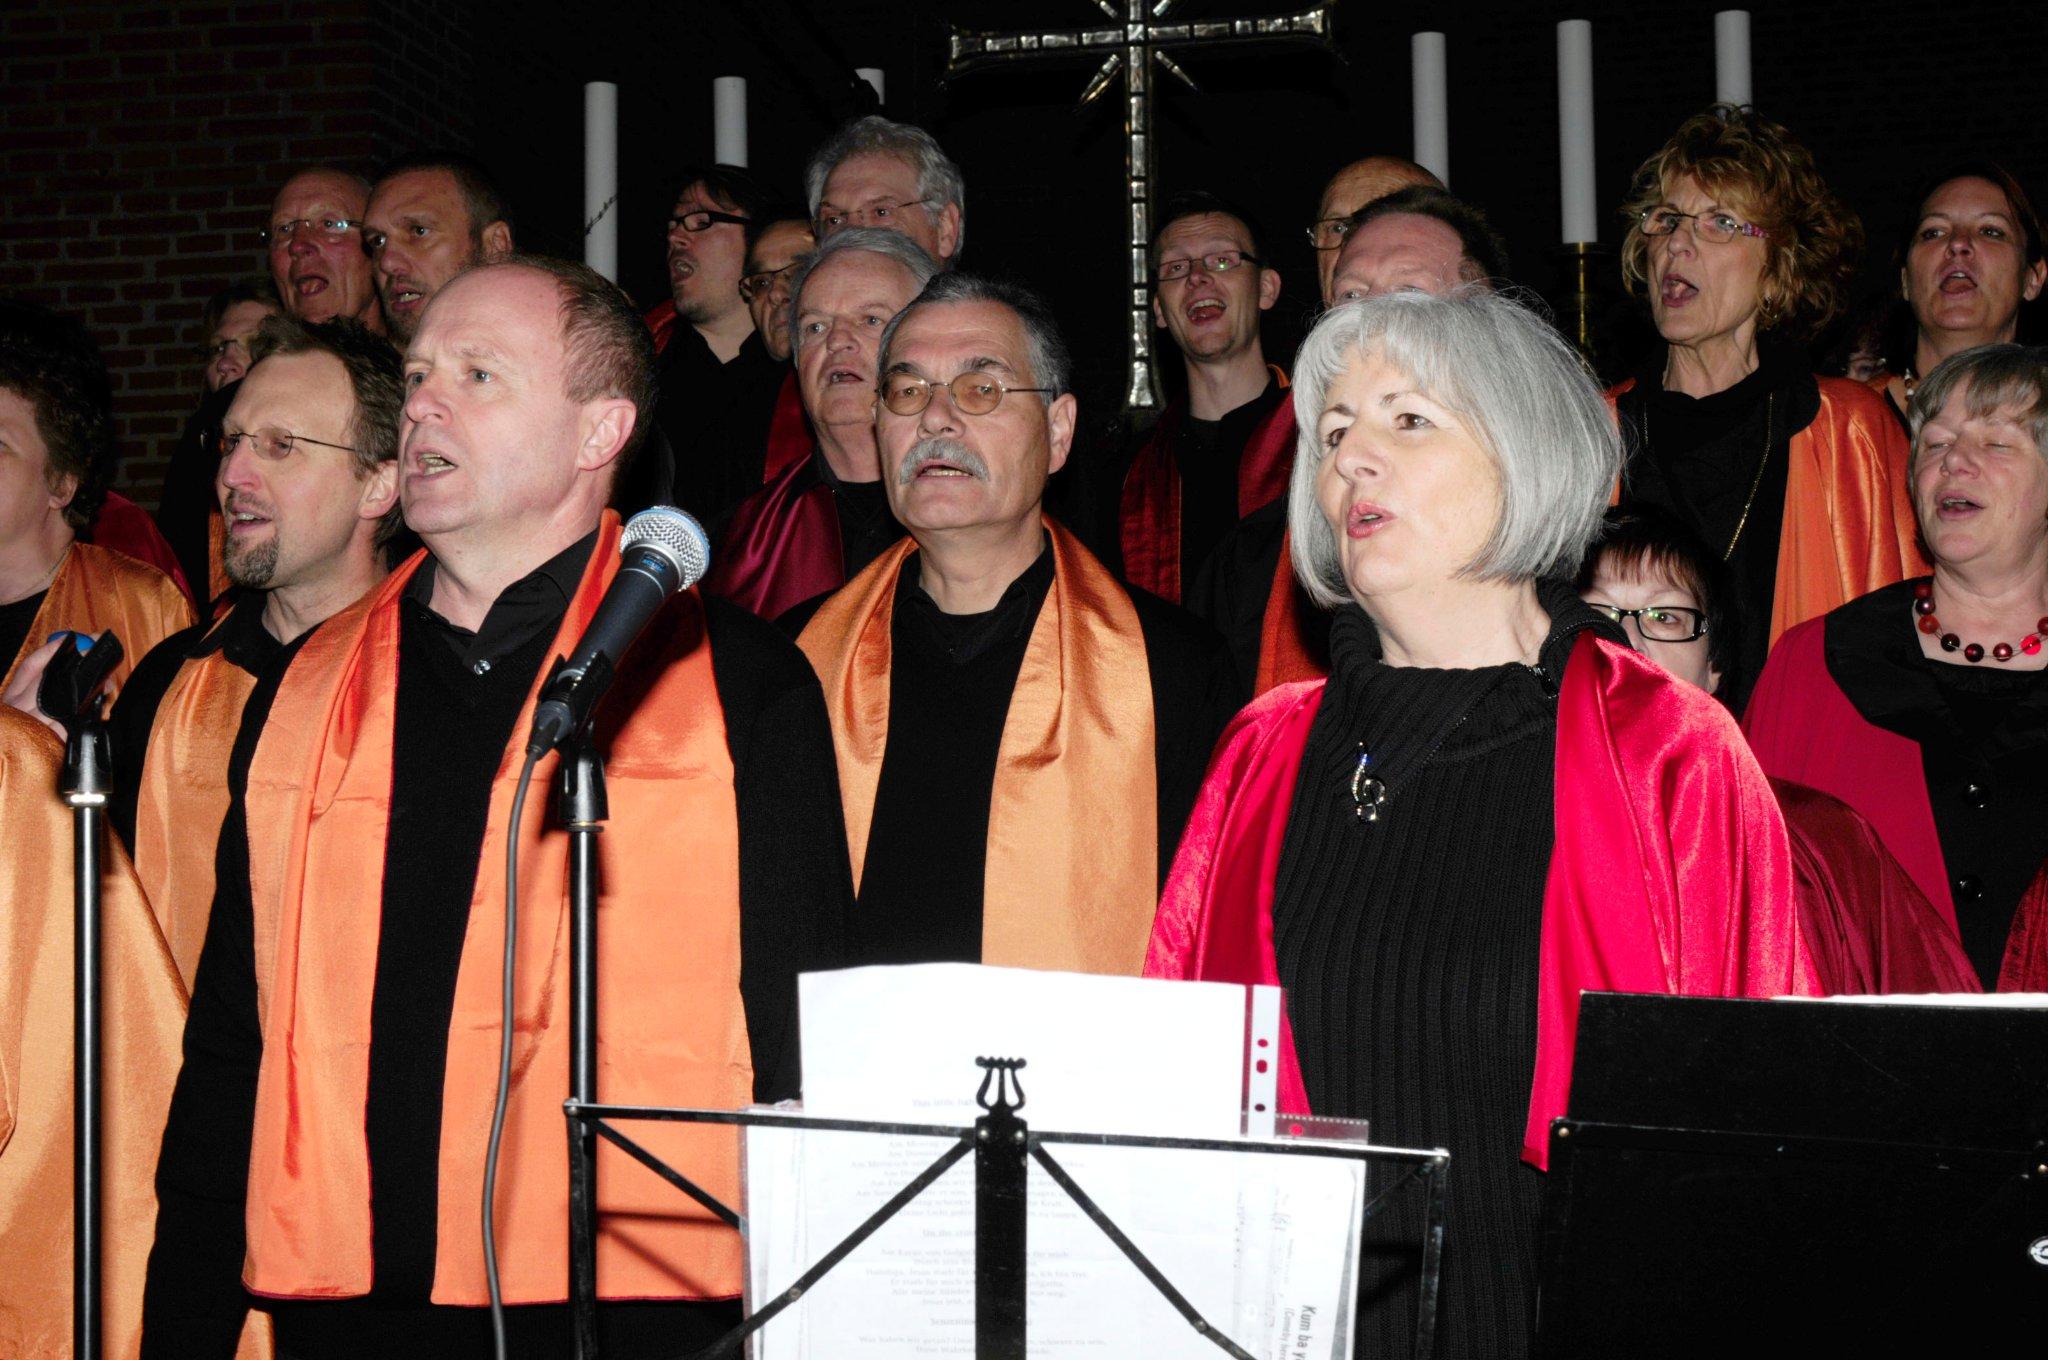 20120422 Reformations Gedaechtniskirche 015